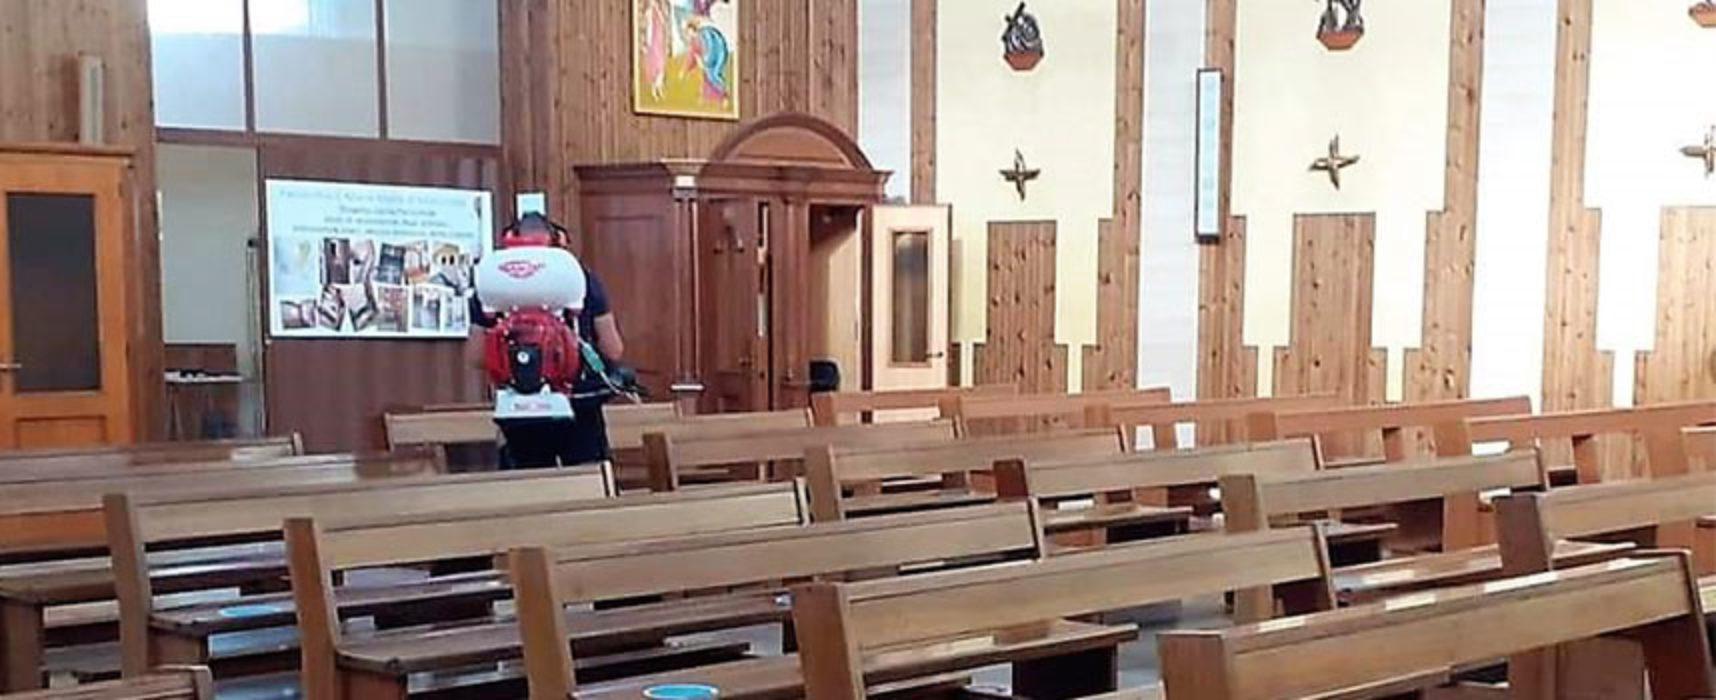 Sanificata chiesa Misericordia, pronta alla riapertura ai fedeli. Sospesi sacramenti e catechismo